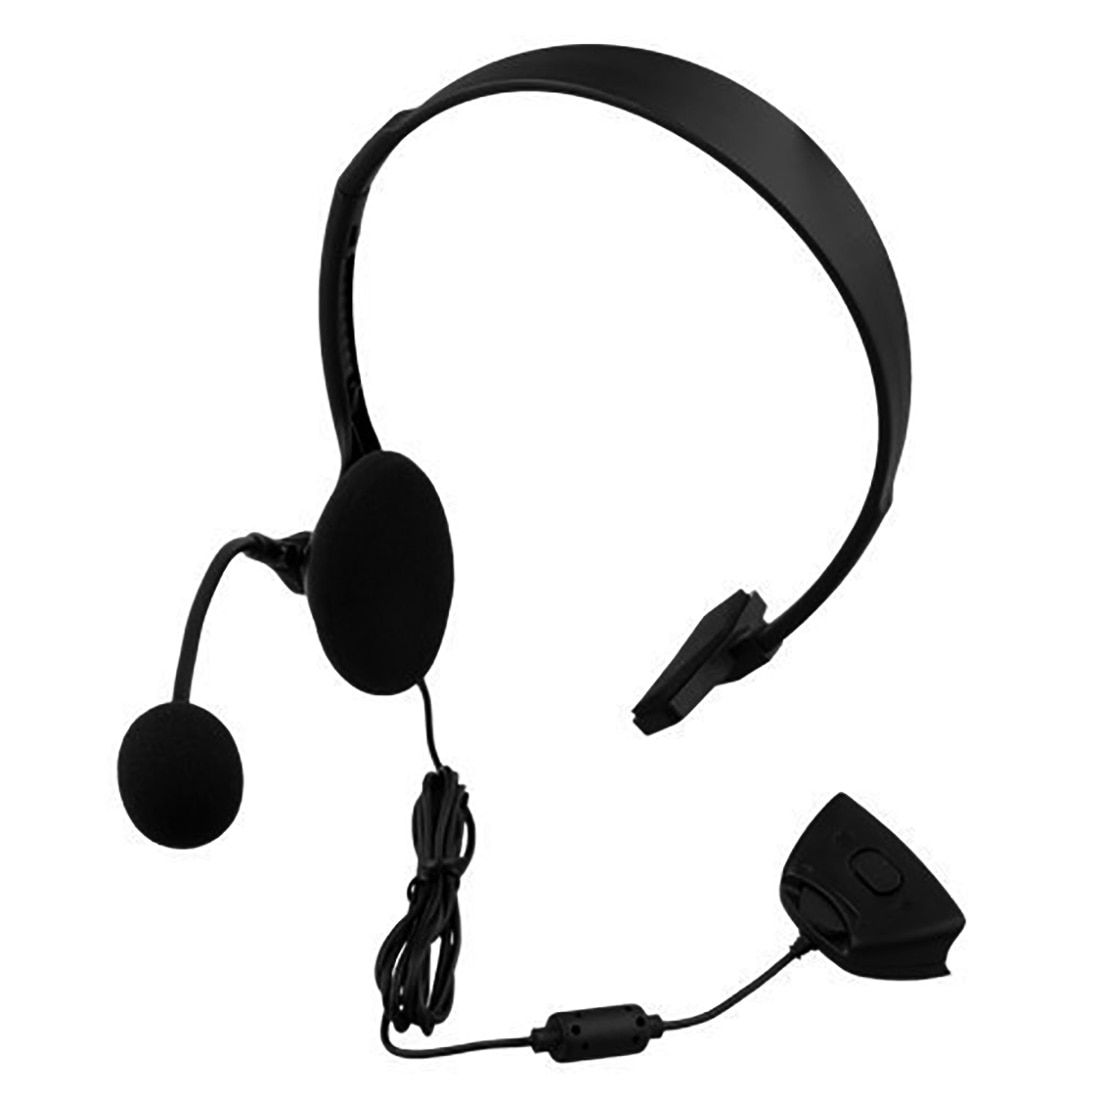 Marsnaska Top Qualität protable xbox360 Wired Gaming Chat einzigen Headset Kopfhörer Mikrofon für xbox 360 computer Schwarz